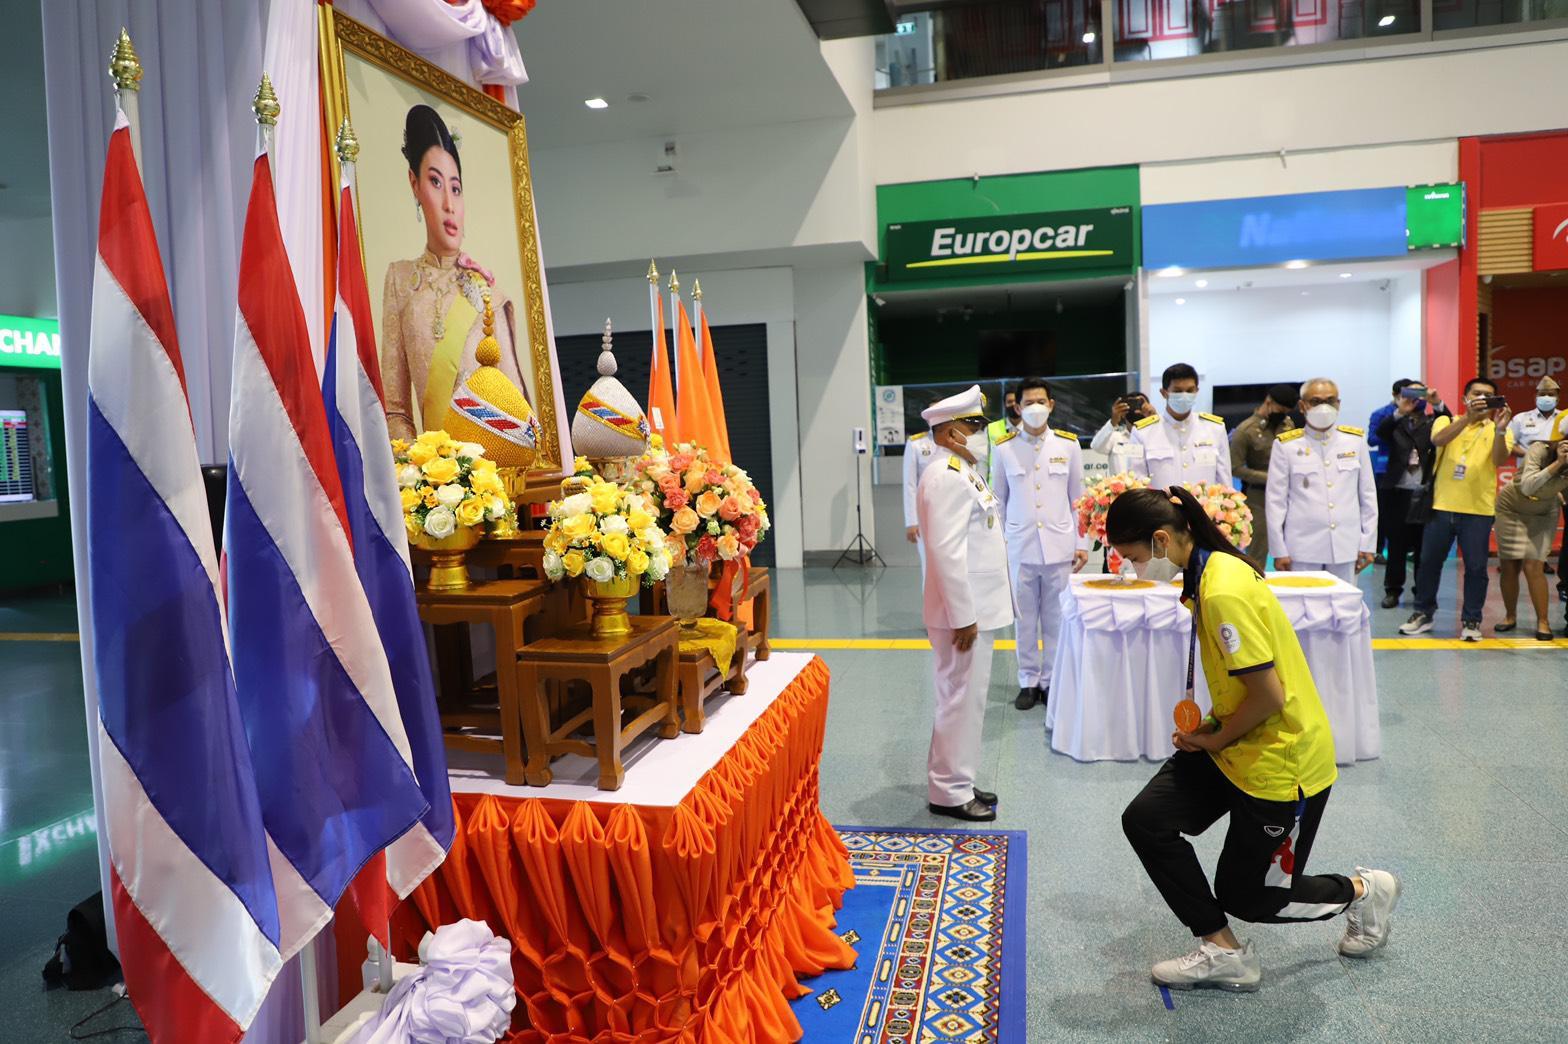 สมเด็จพระเจ้าลูกเธอ เจ้าฟ้าสิริวัณณวรี นารีรัตนราชกัญญา ทรงพระกรุณาโปรดเกล้าฯ ให้ผู้แทนพระองค์ฯ นำช่อดอกไม้พระราชทานมอบแก่ สมาคมเทควันโด้แห่งประเทศไทยและคณะนักกีฬาเทควันโด้ทีมชาติไทย